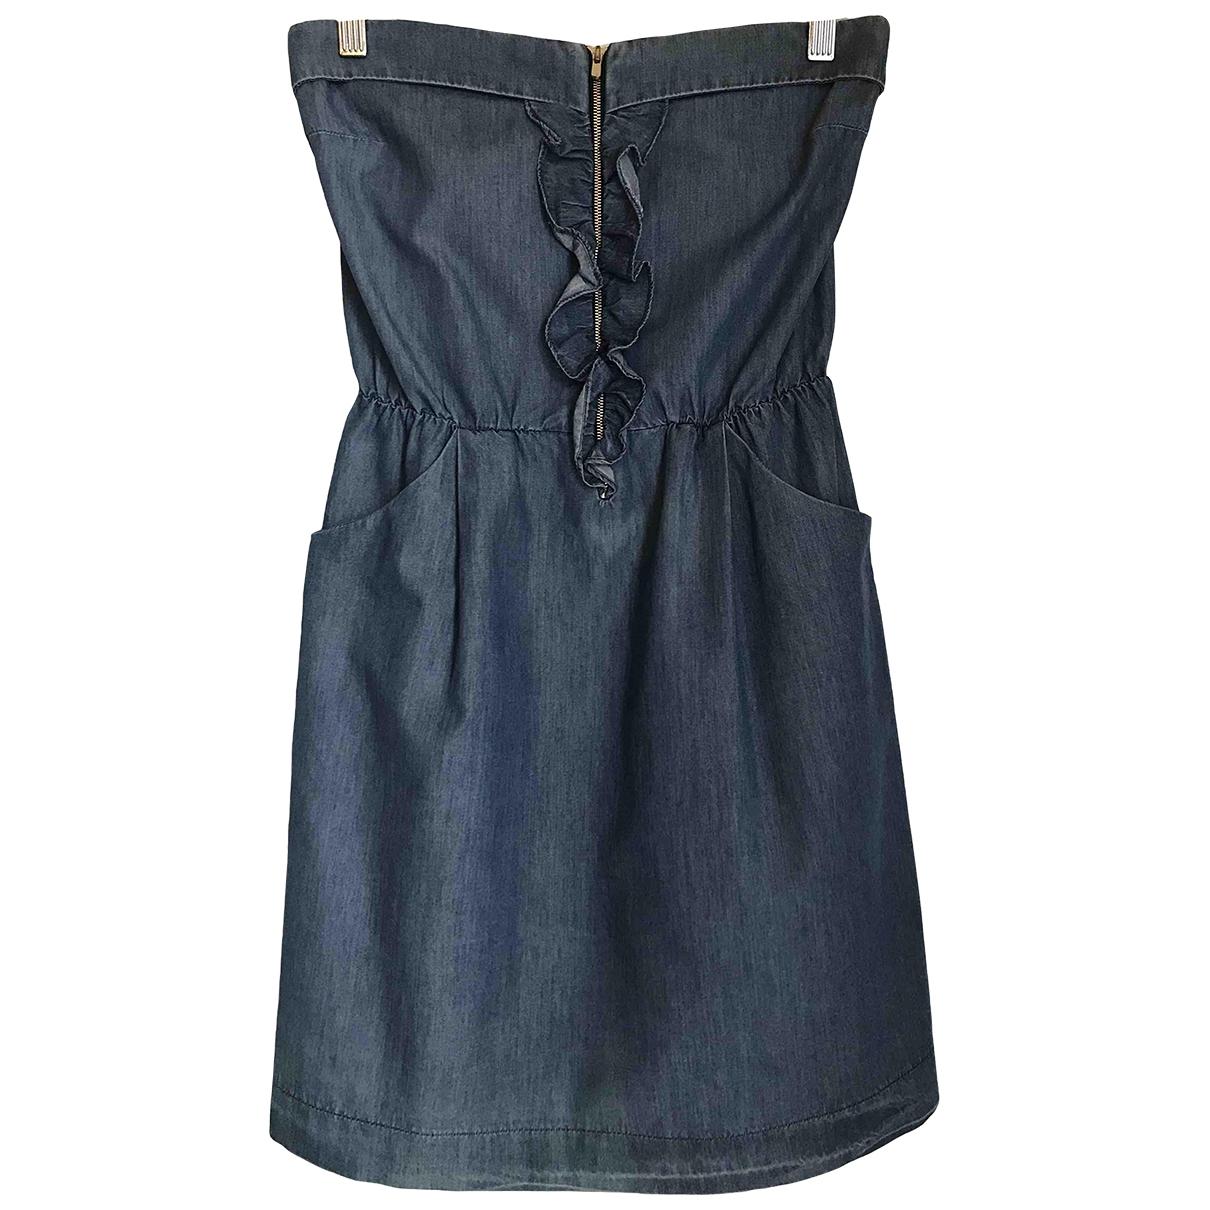 Sandro \N Blue Denim - Jeans dress for Women 38 FR